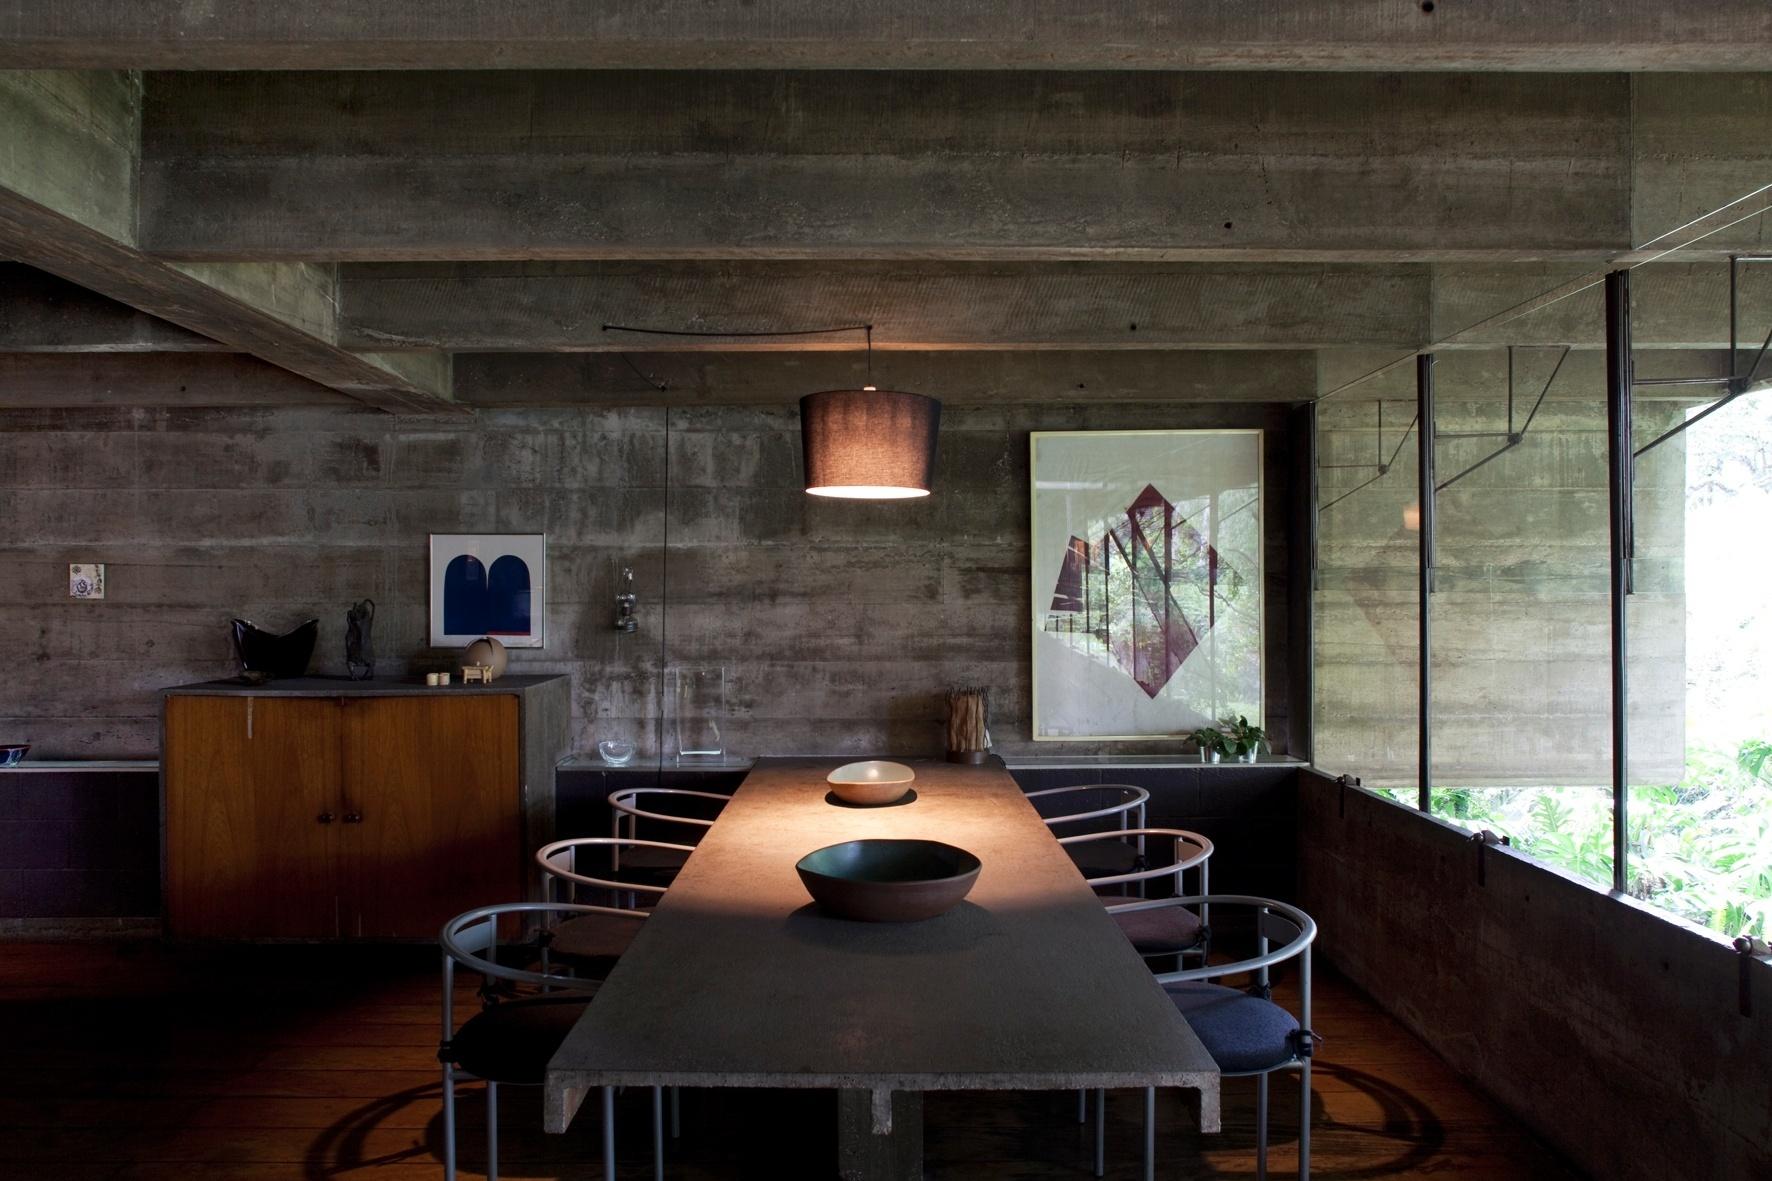 O concreto aparente domina a cena da sala de jantar: o material está tanto na estrutura, quanto na empena cega e até mesmo na mesa de refeições, que foi engastada na parede e está apoiada em apenas um pilar na extremidade oposta. A casa Butantã foi projetada pelo arquiteto Paulo Mendes da Rocha